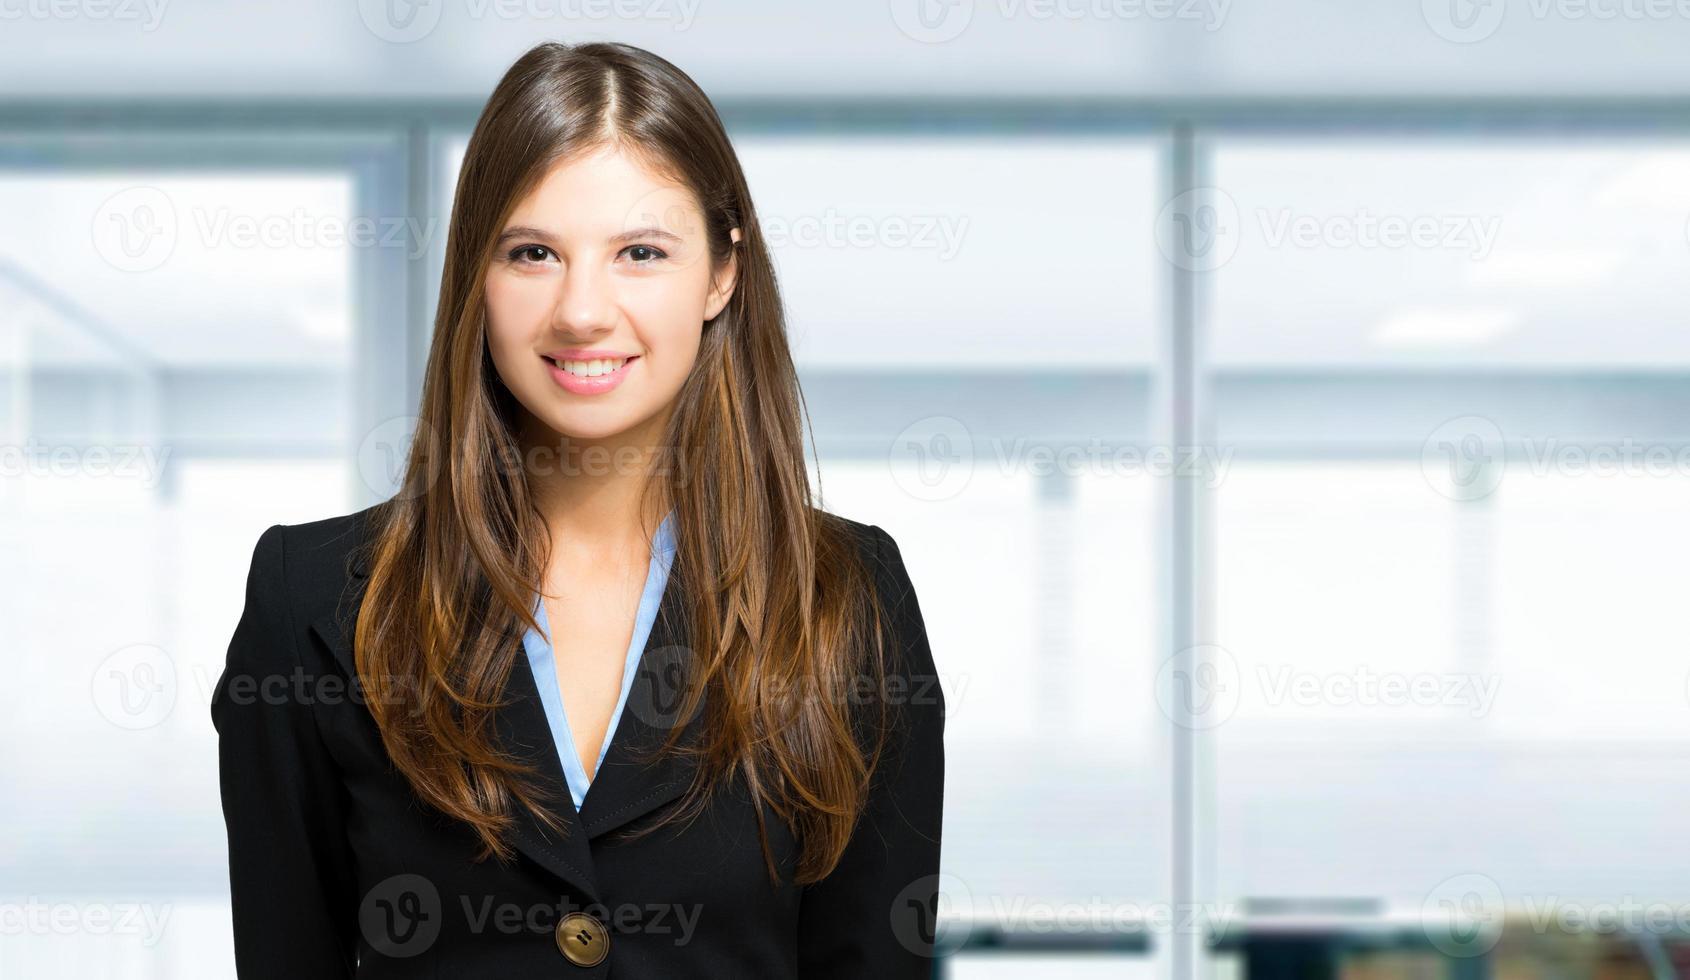 Glimlachende zakenvrouw in een modern kantoor foto